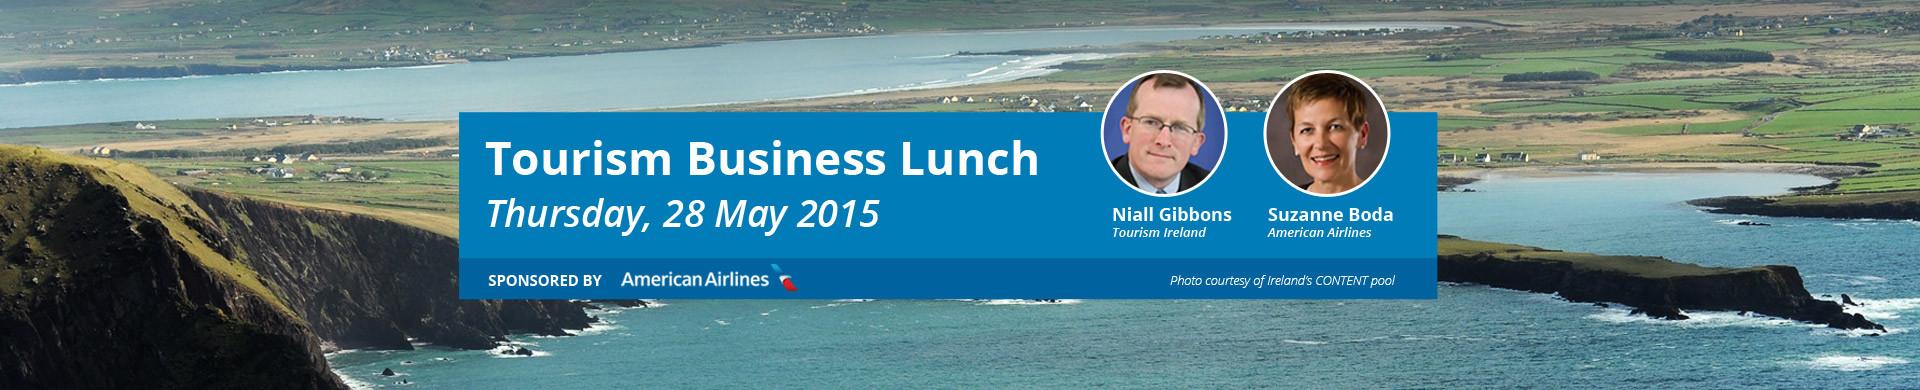 businesslunch2